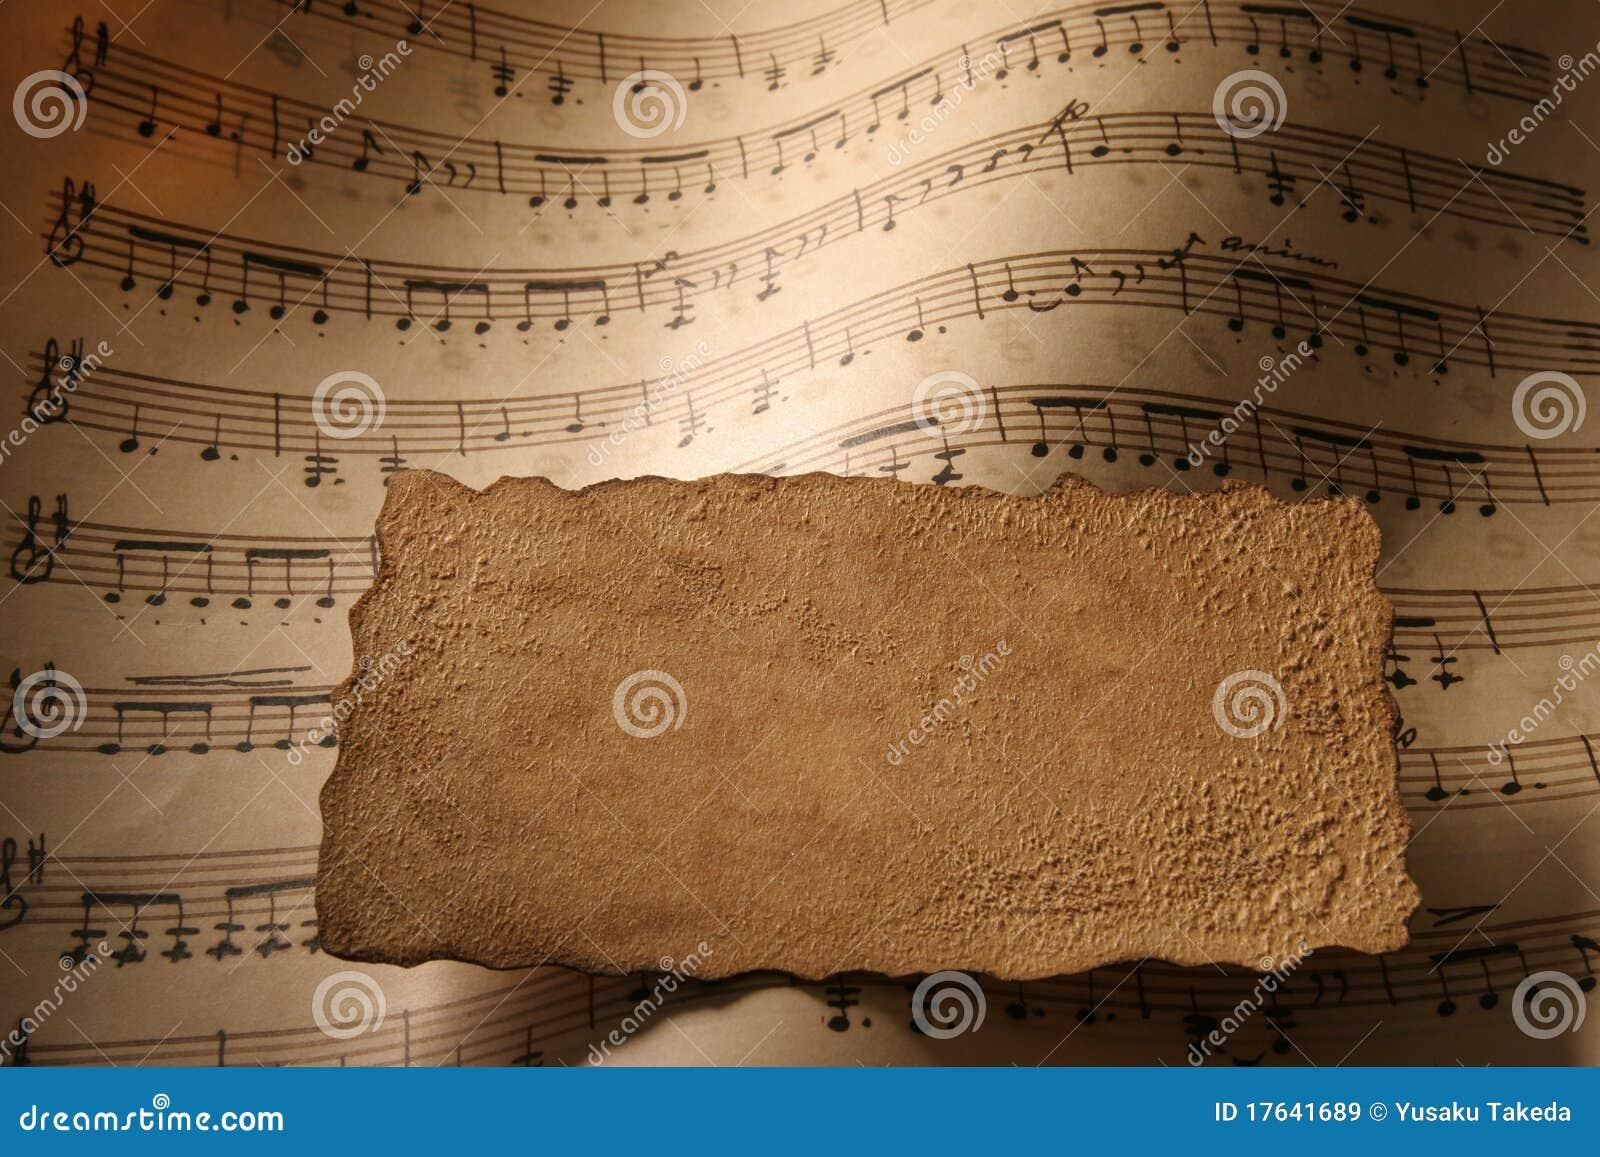 Blatt-Musik-Nahaufnahme.